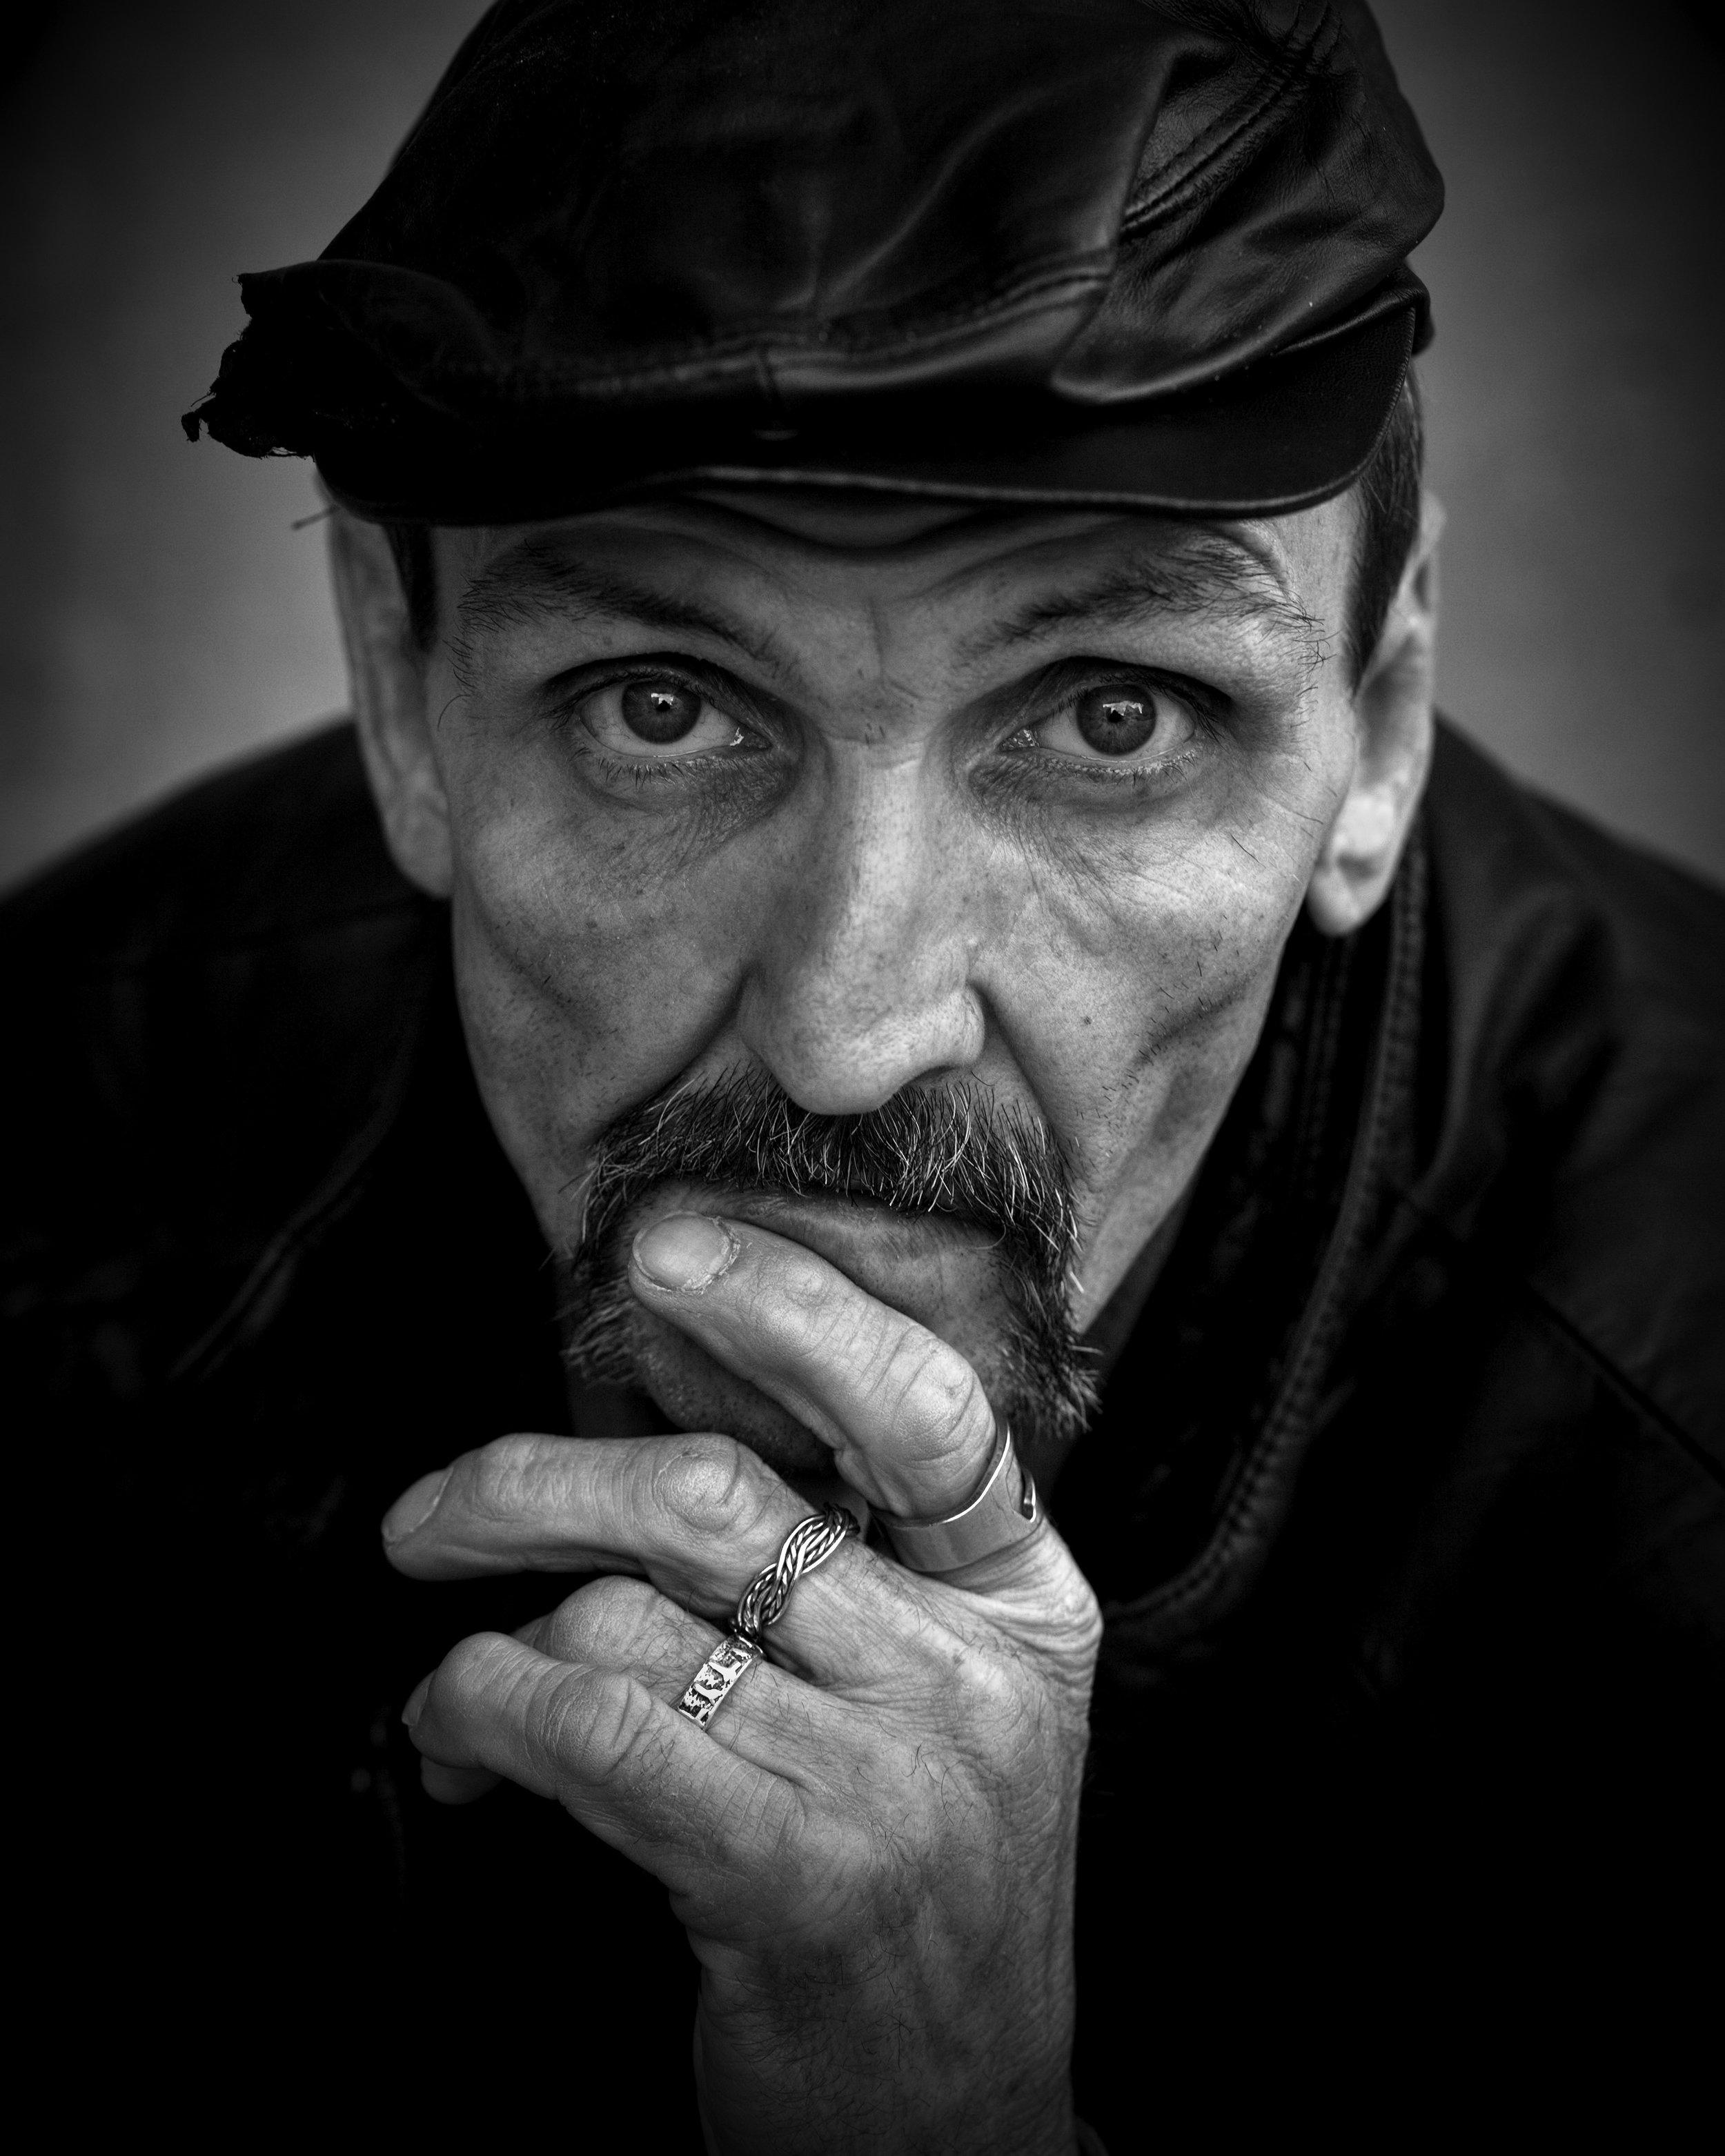 homeless-844206.jpg